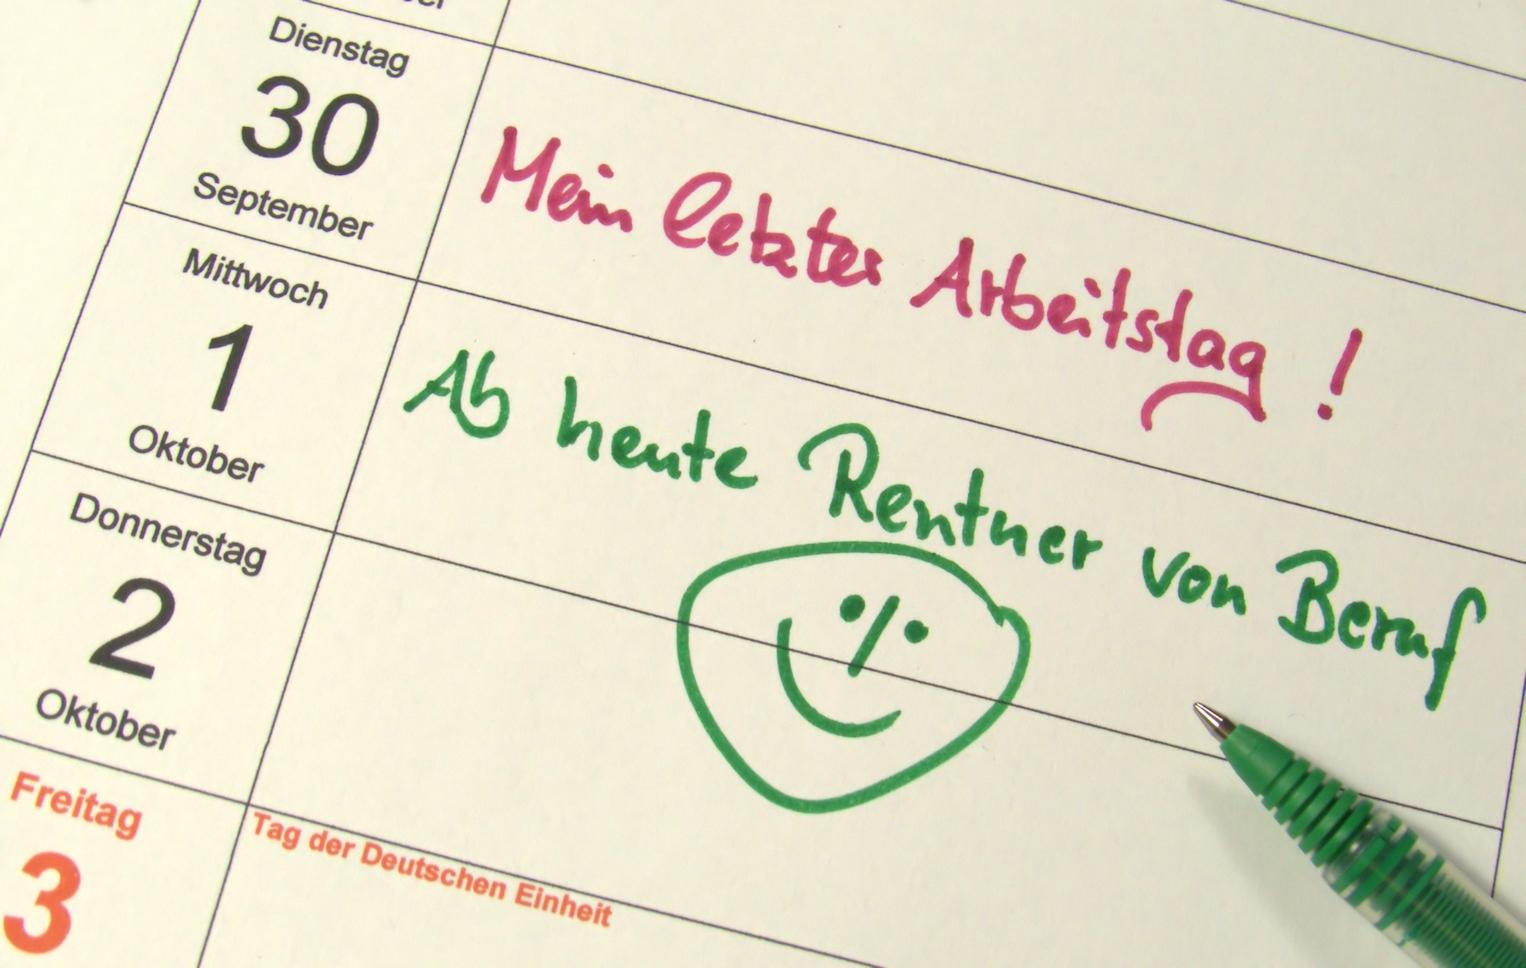 öffentlicher Dienst Günther Felbinger